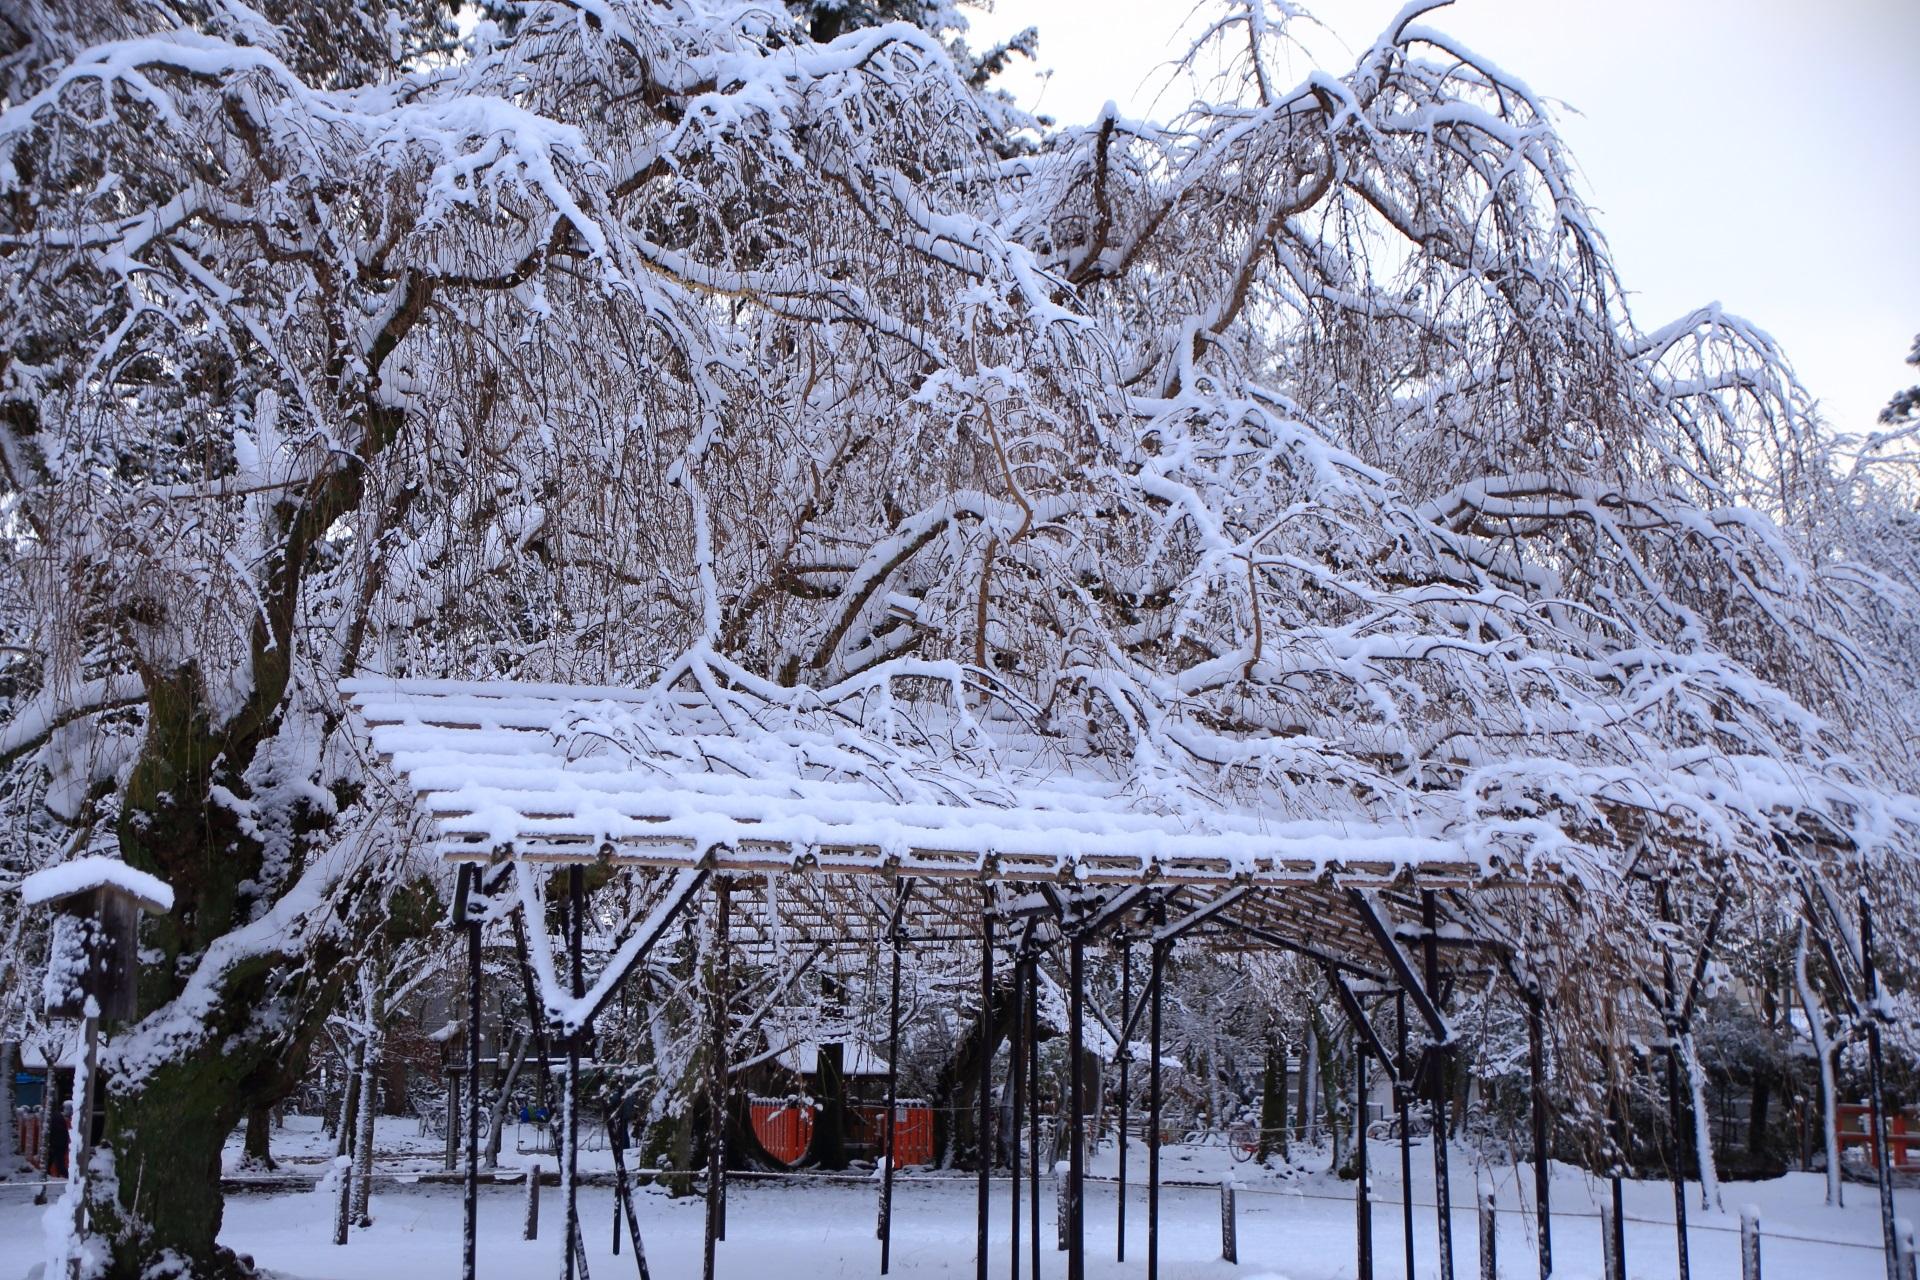 上賀茂神社のしだれ桜の降り注ぐ雪の花